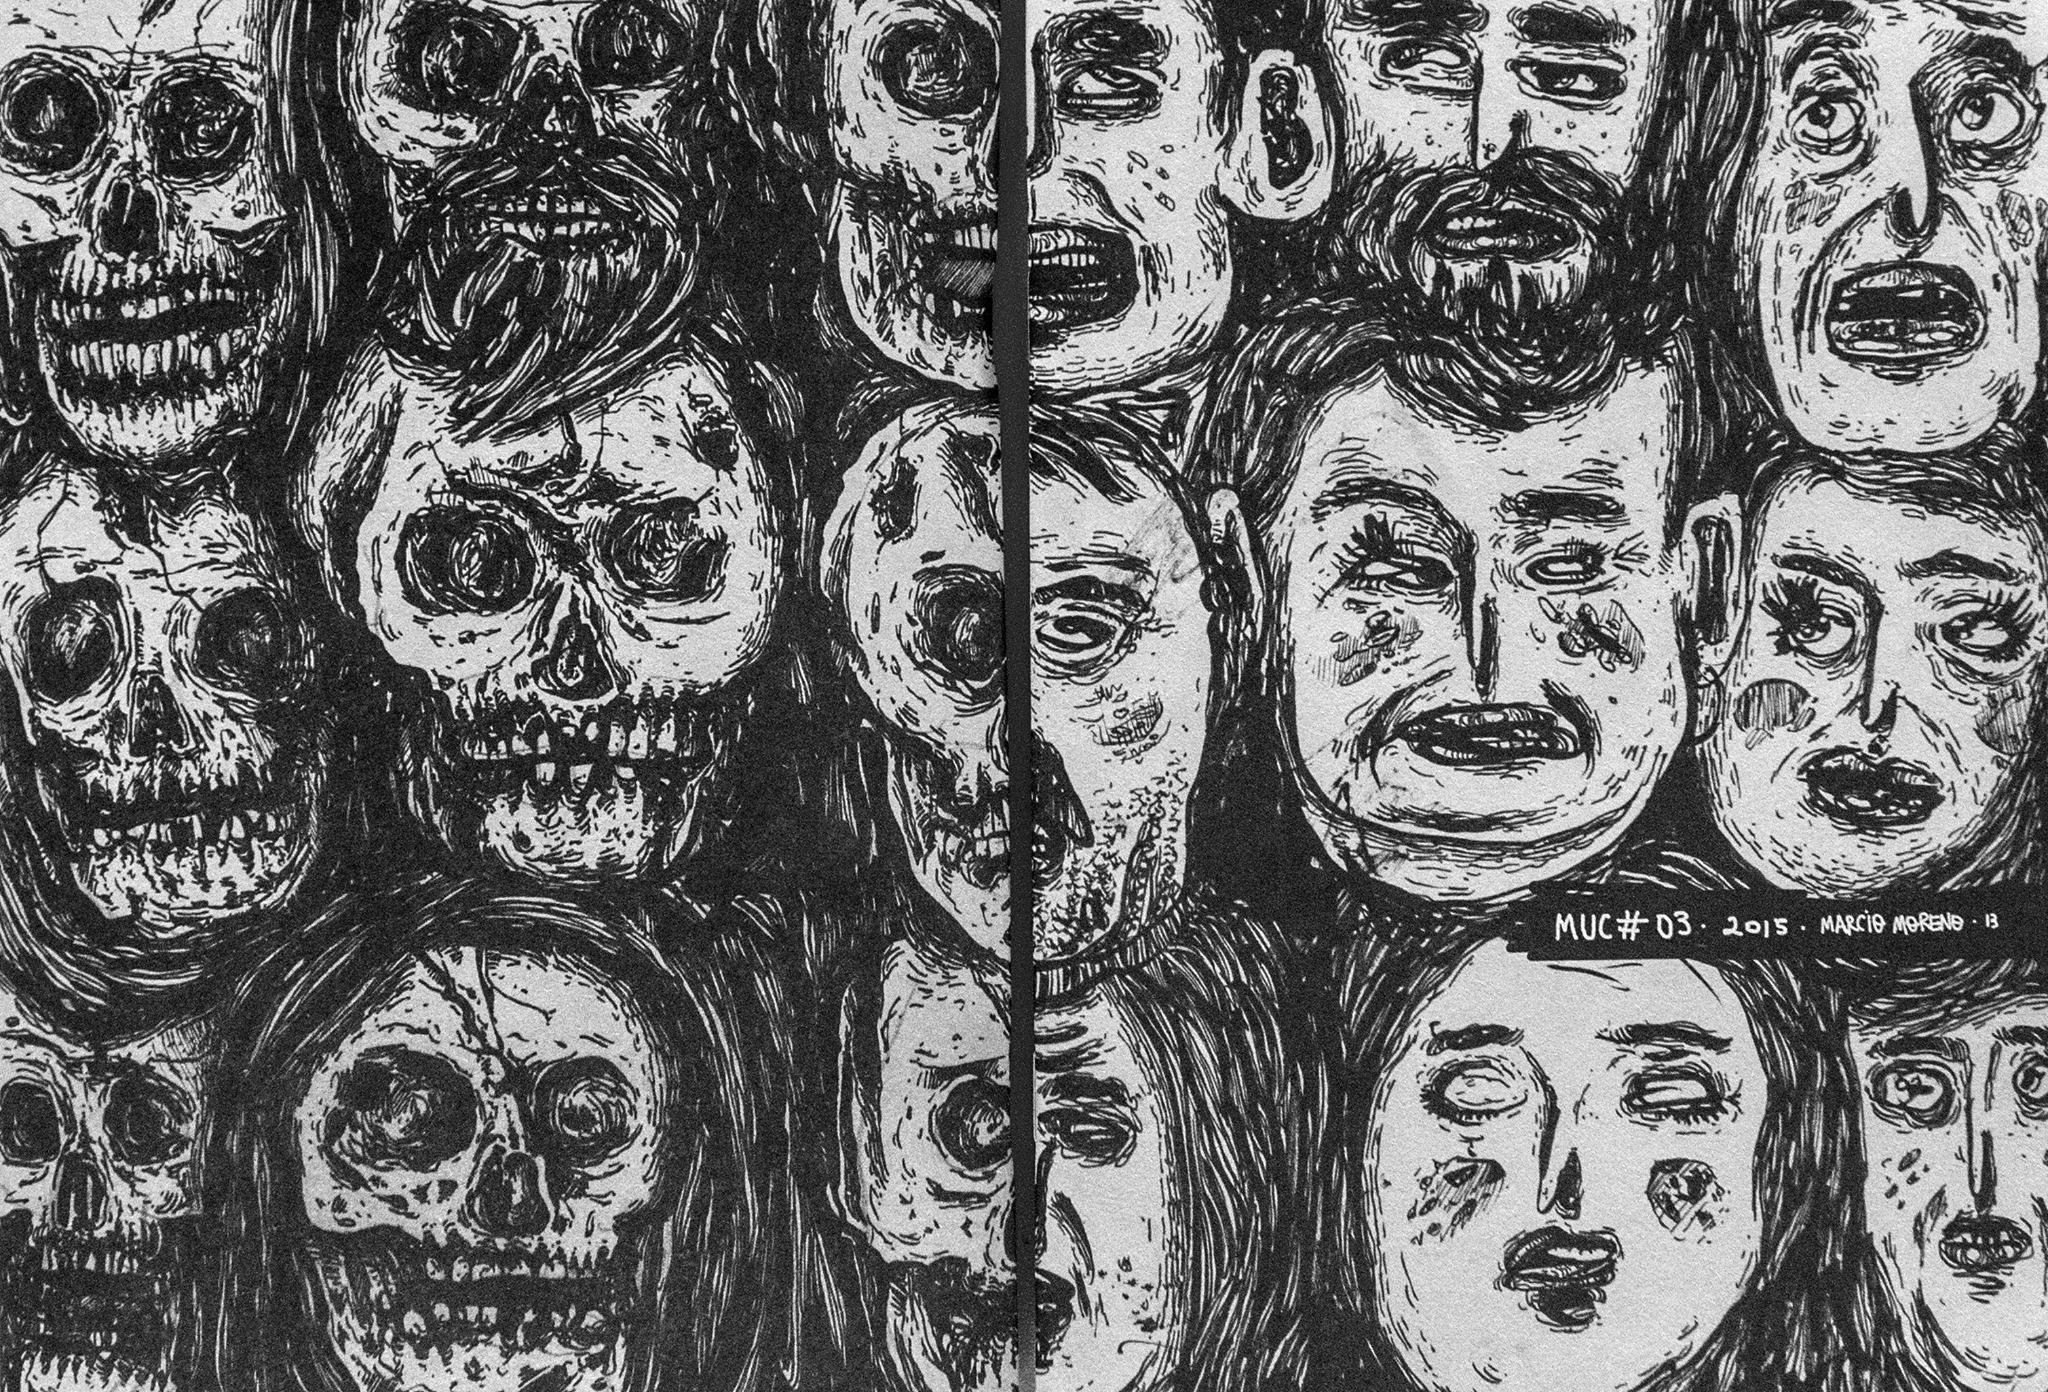 marcio-moreno-ilustração-entrevista-dionisio-arte-2